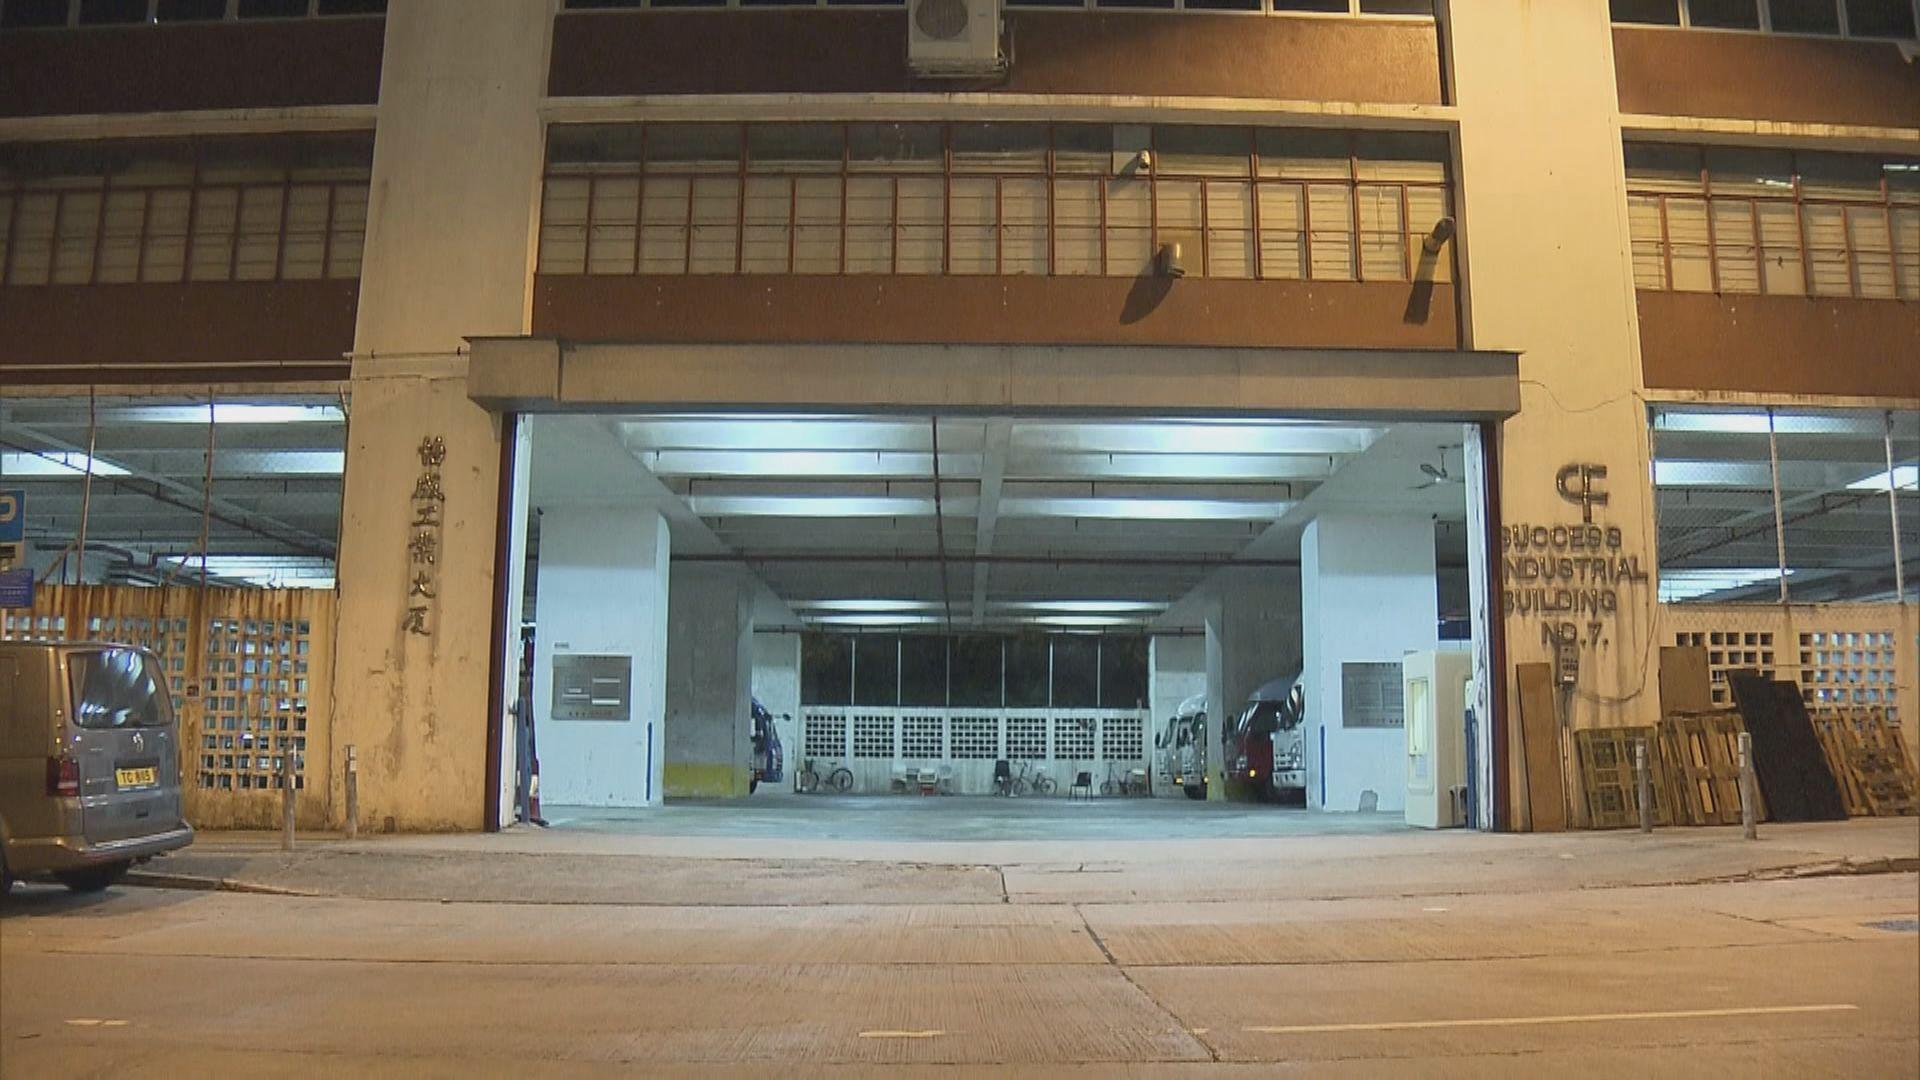 屯門工廈貨倉 一批七百萬元電子零件被盜